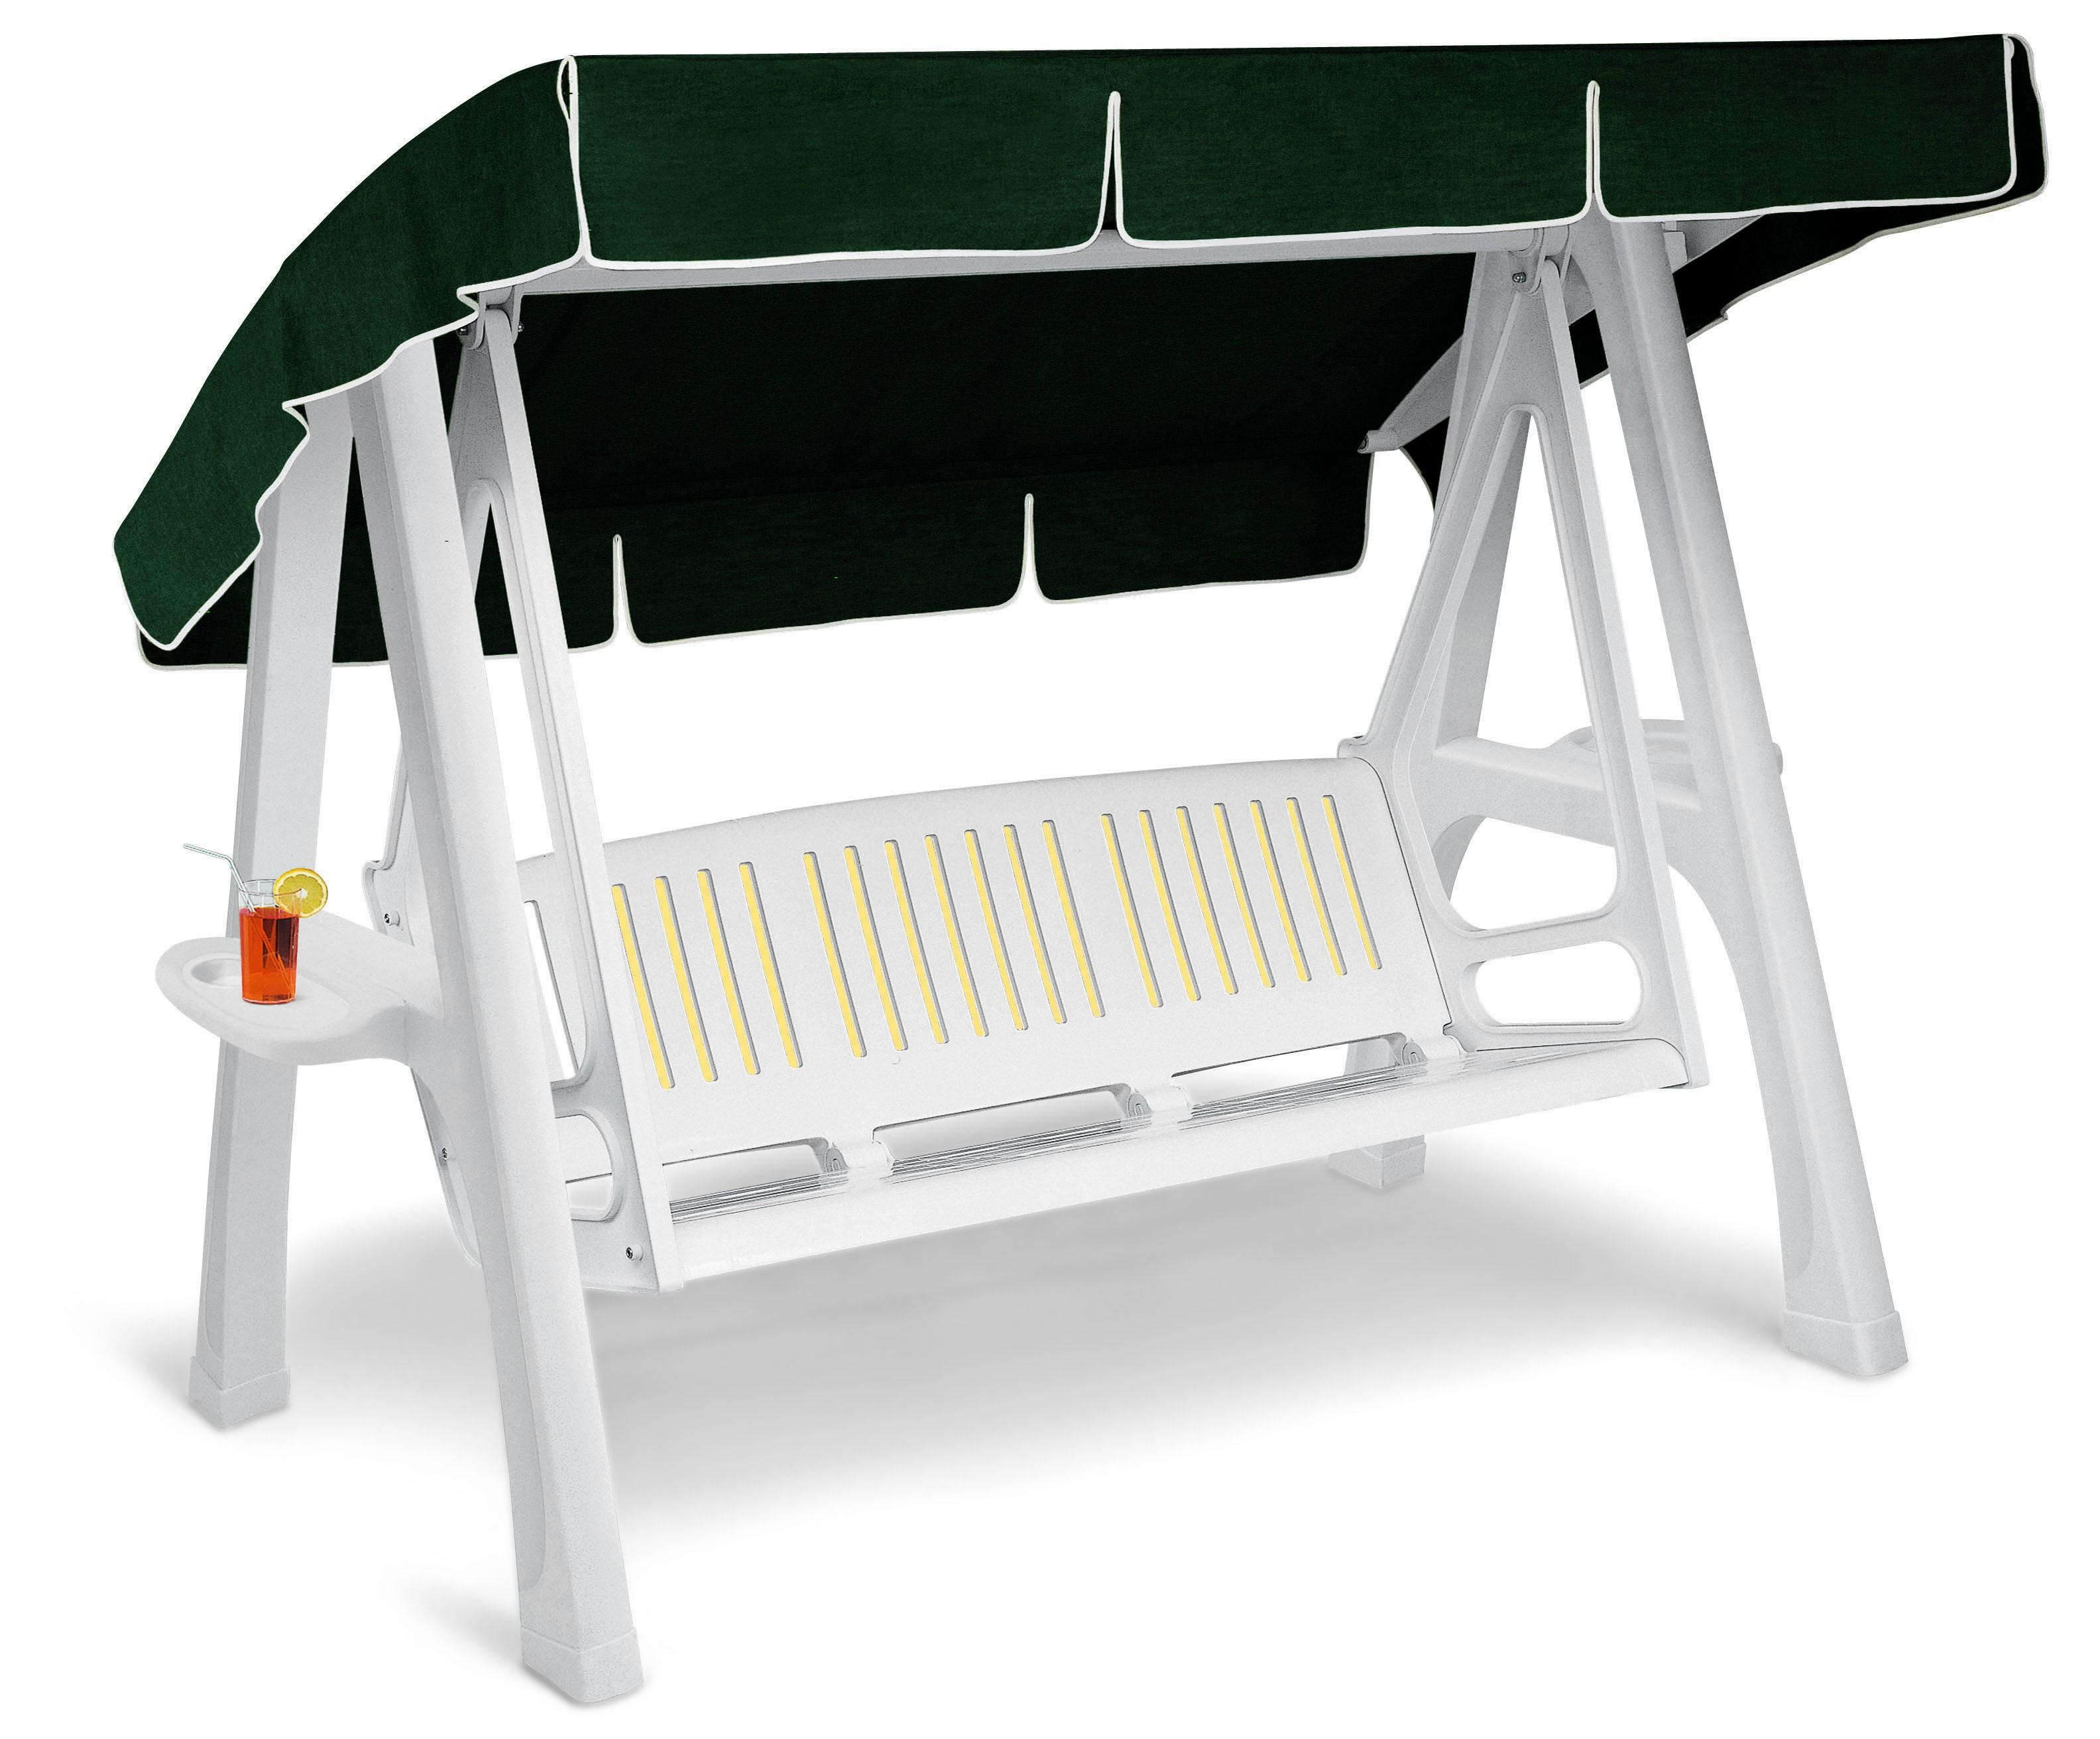 Dondolo resina scirocco 2000 lamacchia mobili da giardino - Dondolo da giardino 2 posti ...